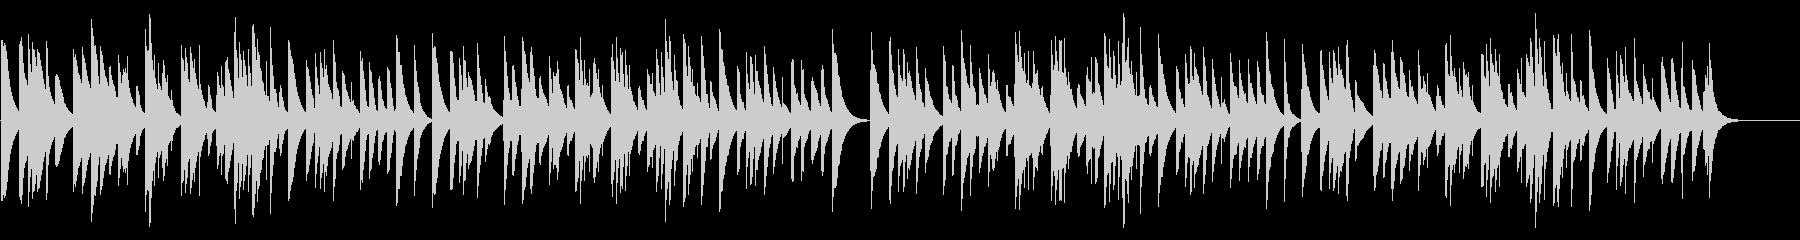 お正月 カード式オルゴールの未再生の波形